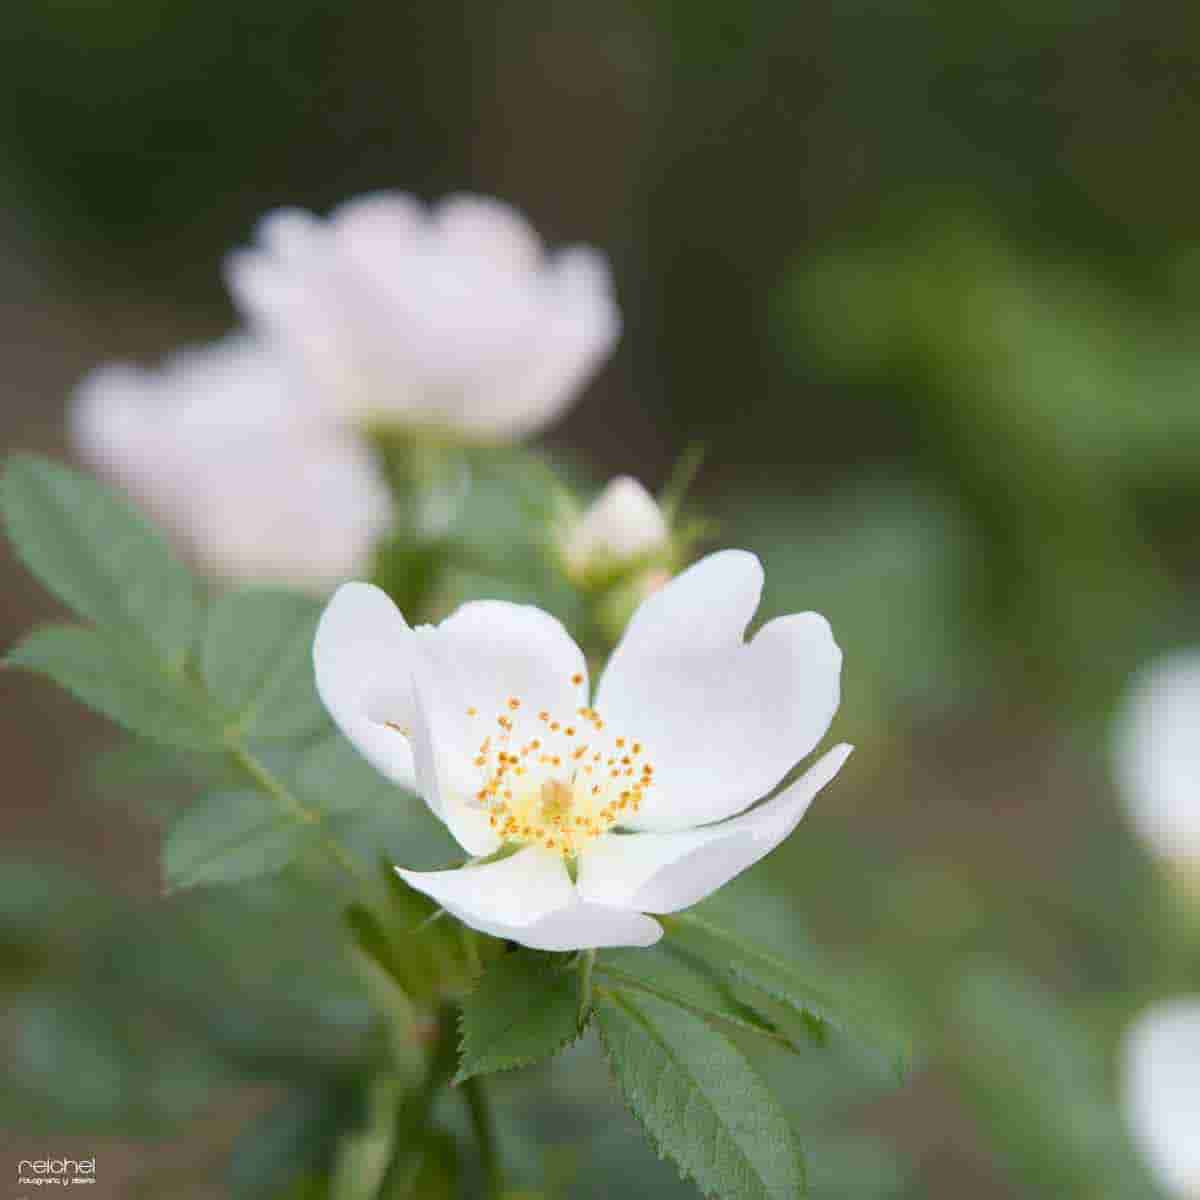 flor blanca hermosa